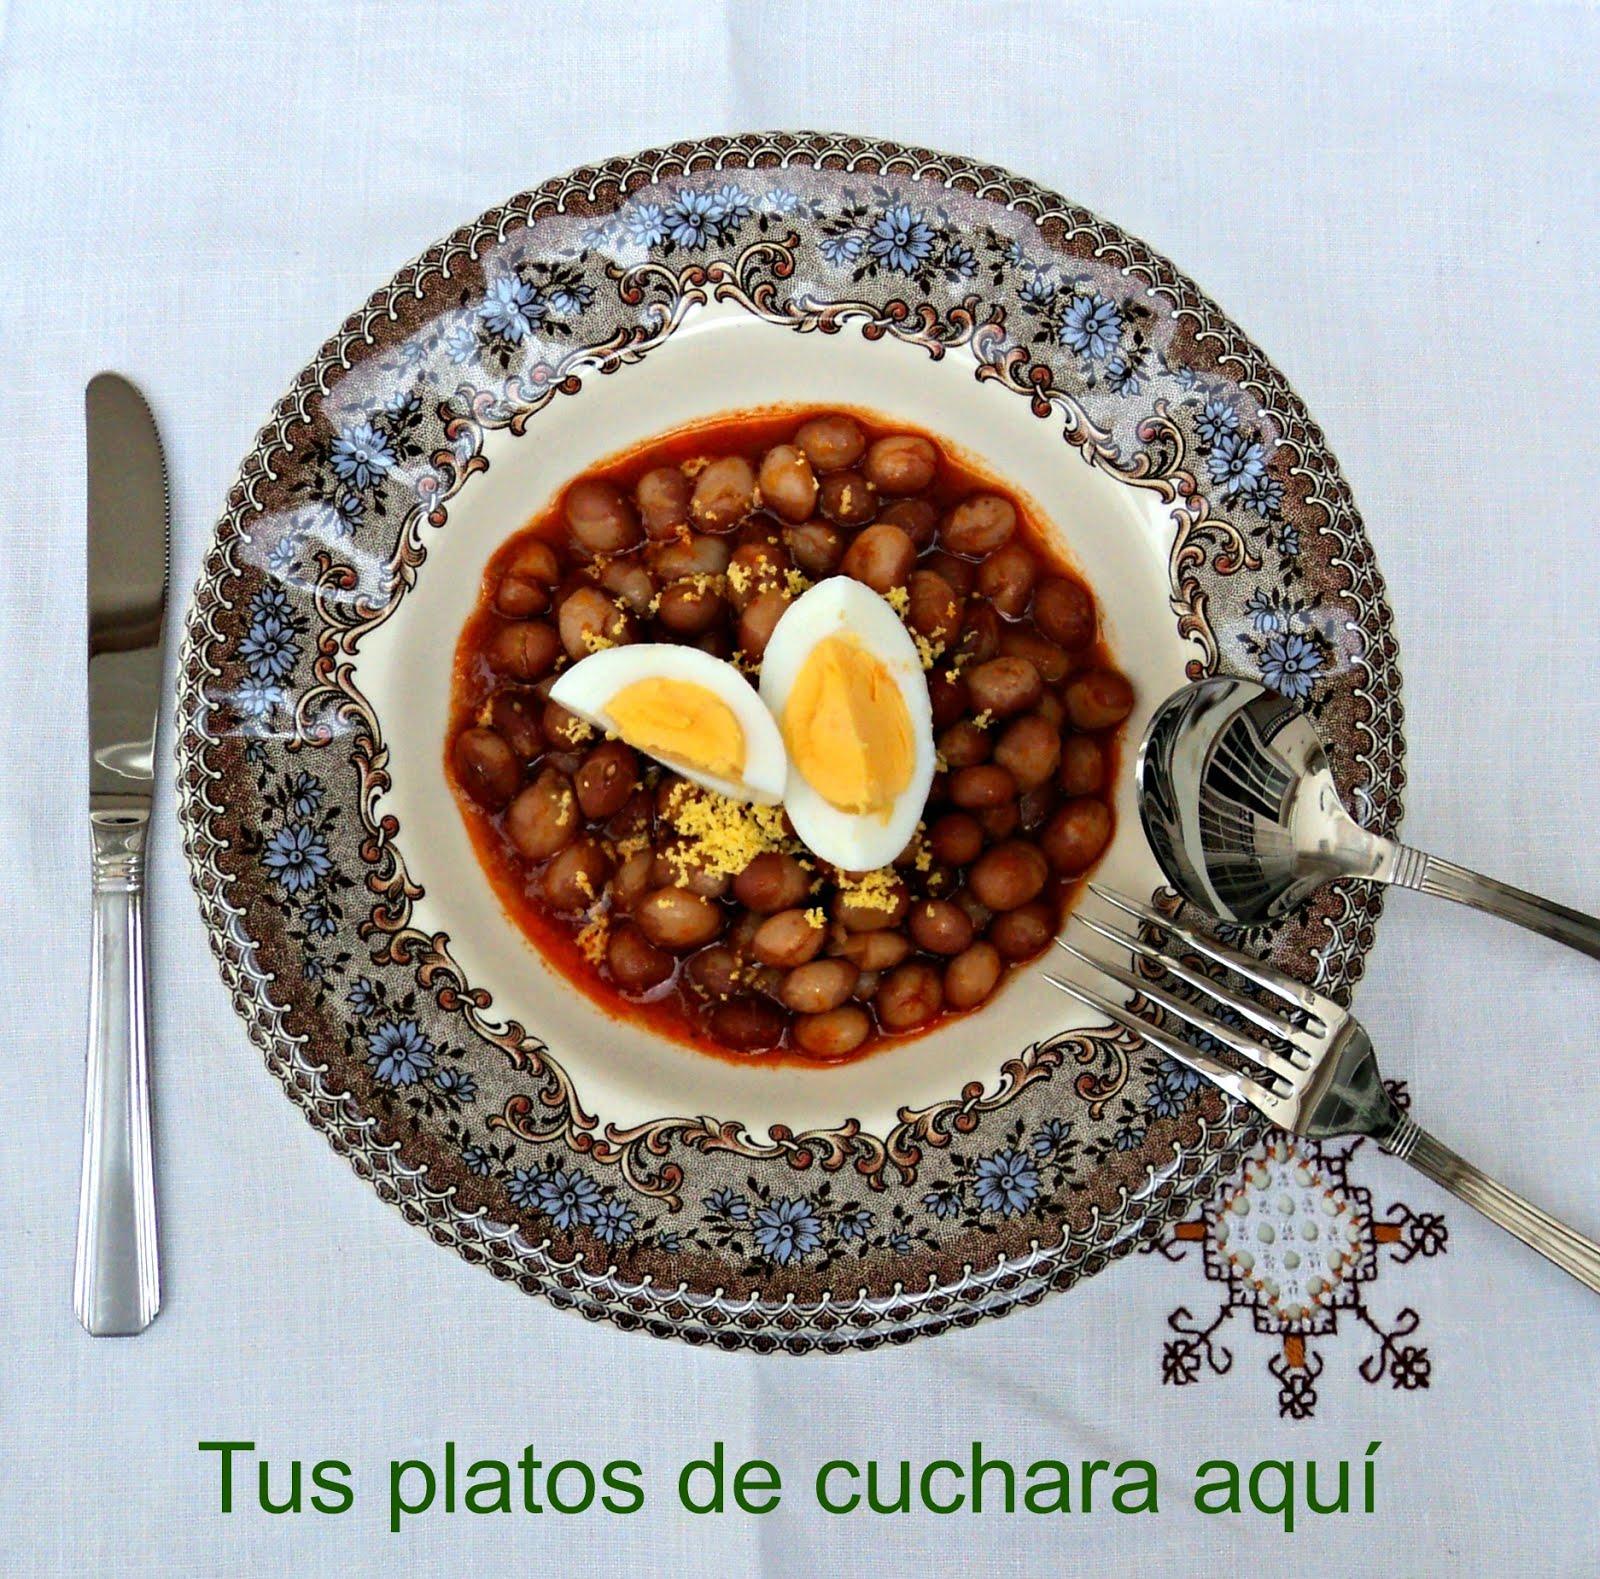 Tus platos de cuchara